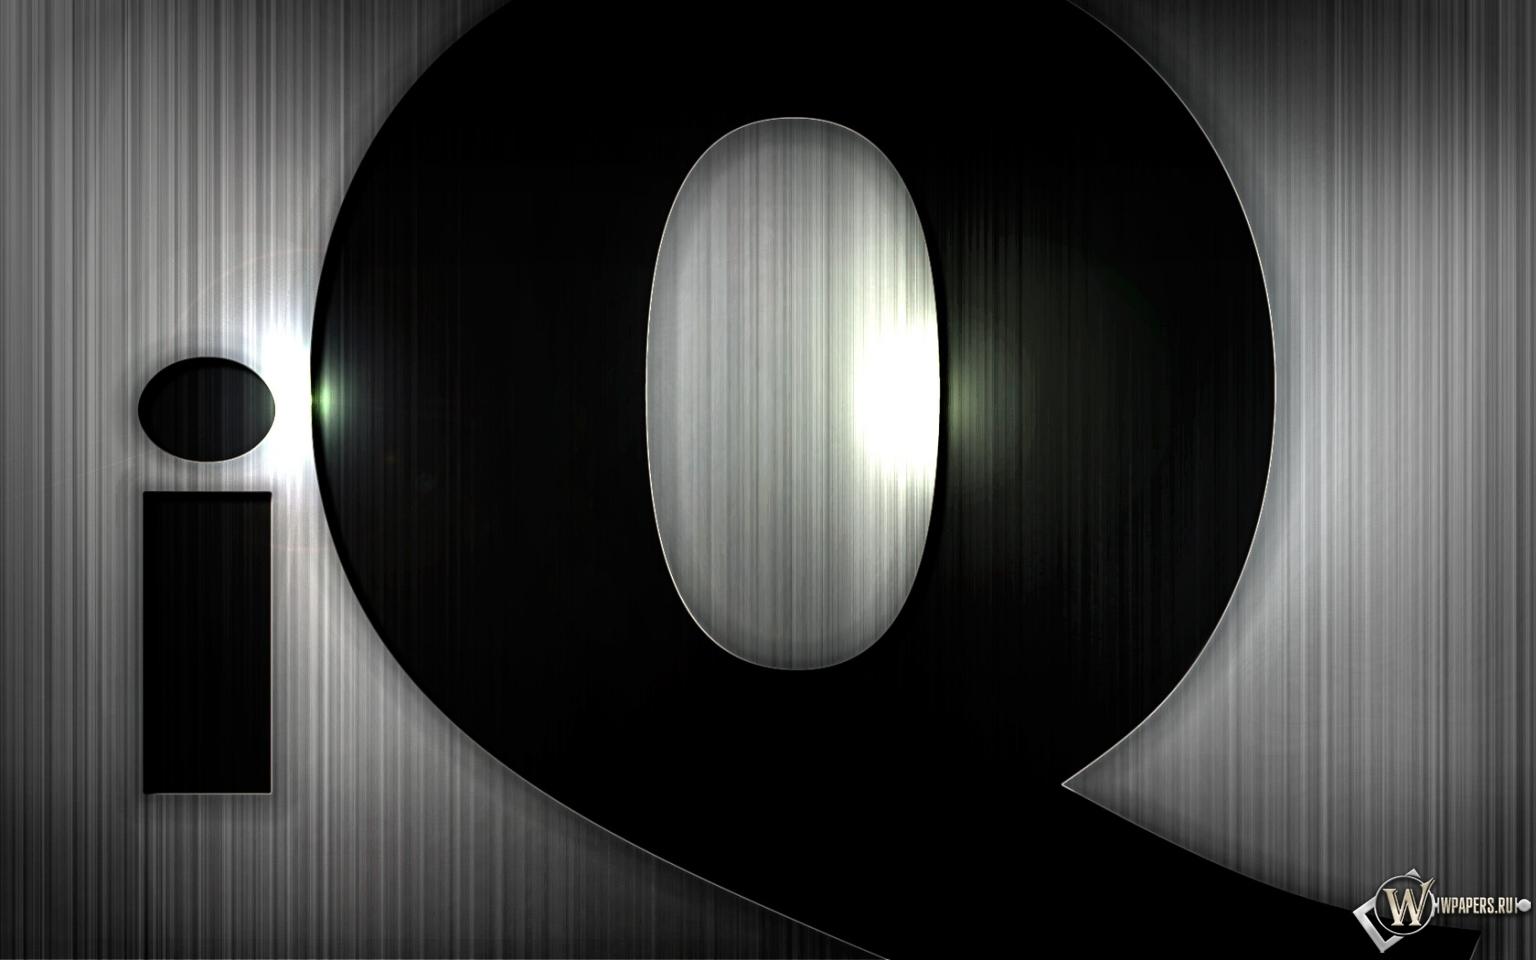 Самый короткий тест на IQ  Тесты онлайн